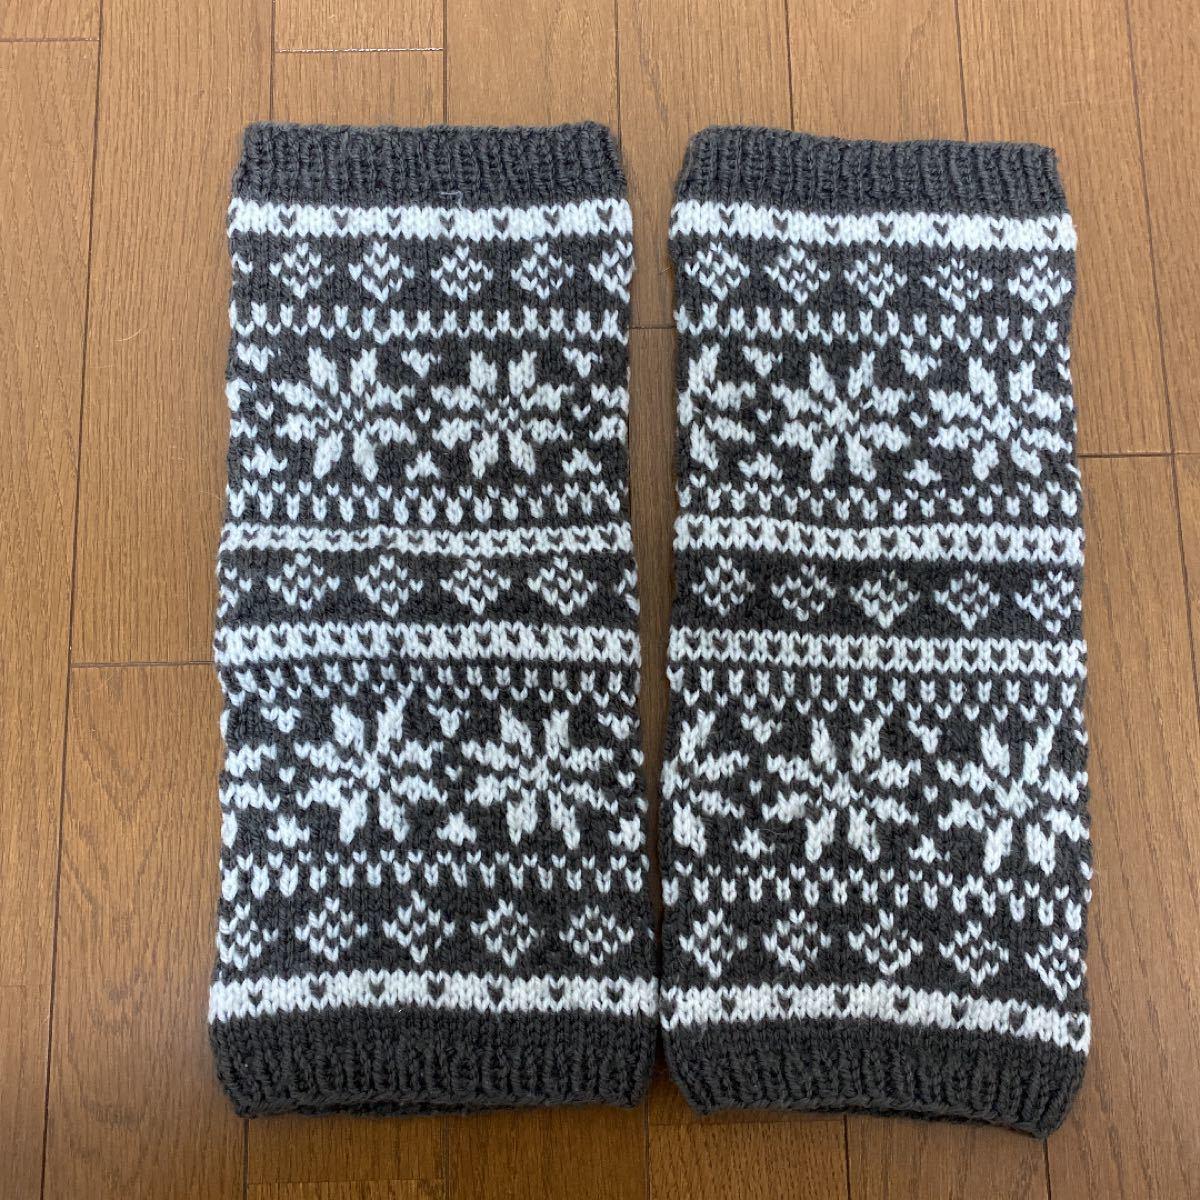 レッグウォーマー ハンドメイド 手編み